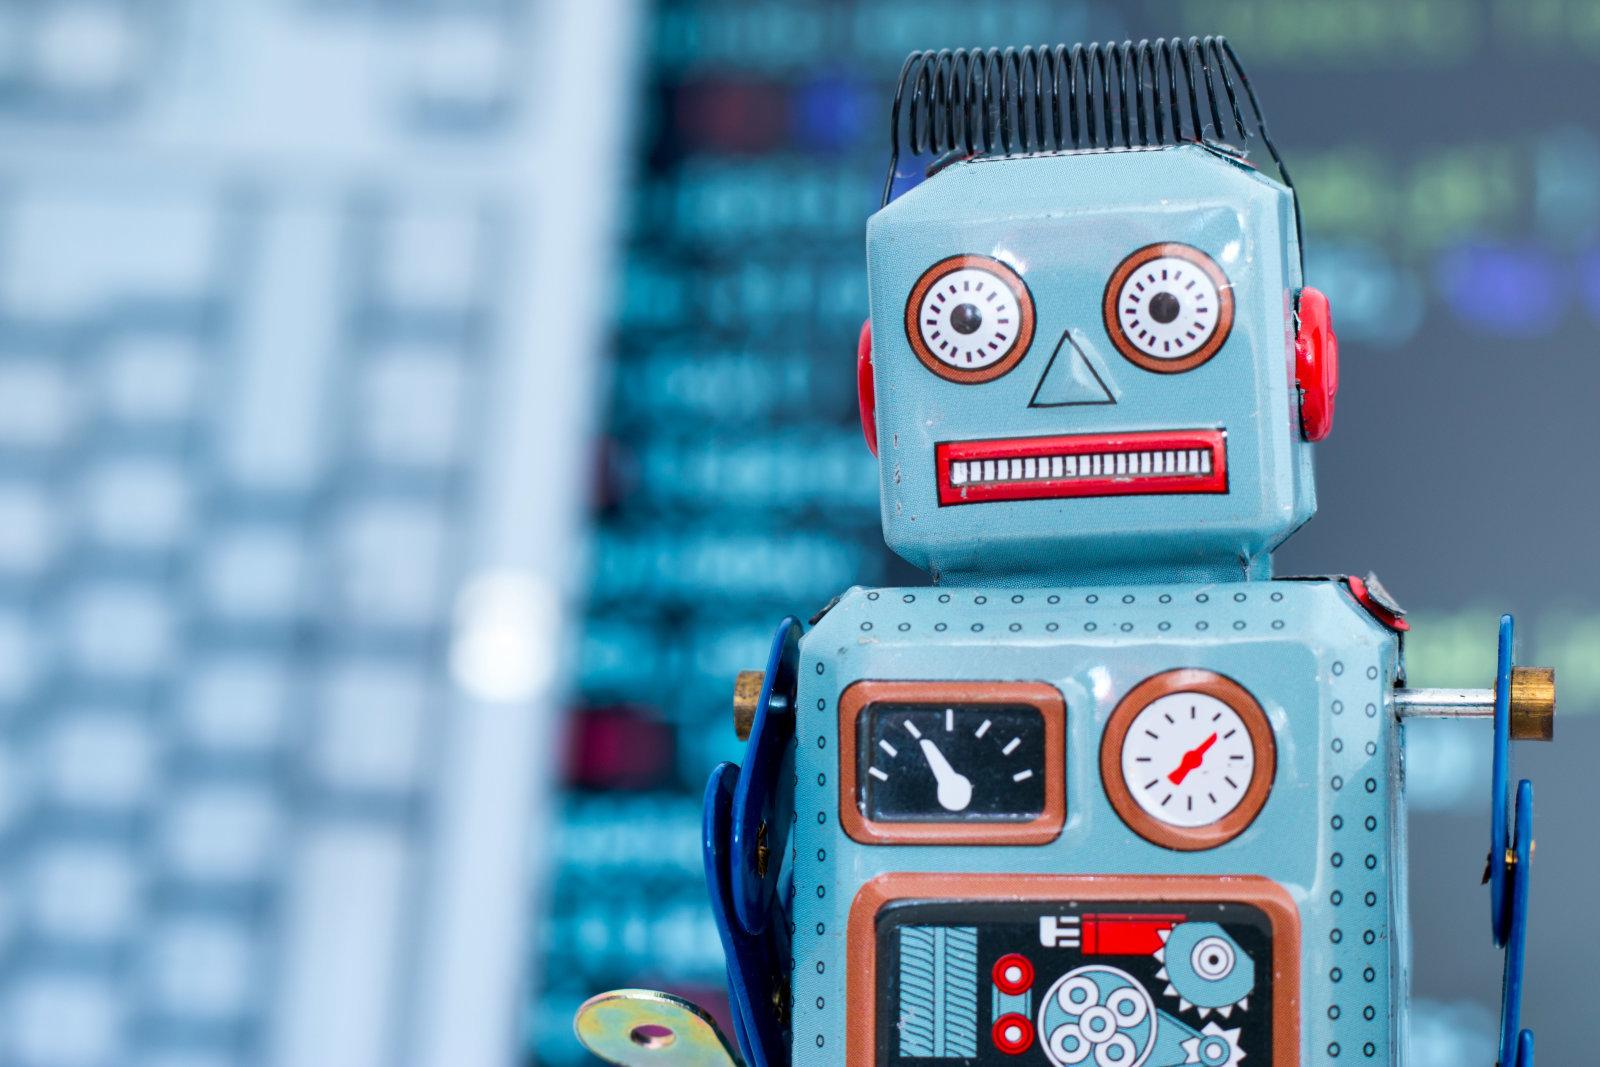 AI编出以假乱真新闻 研究人员不敢发布完整技术